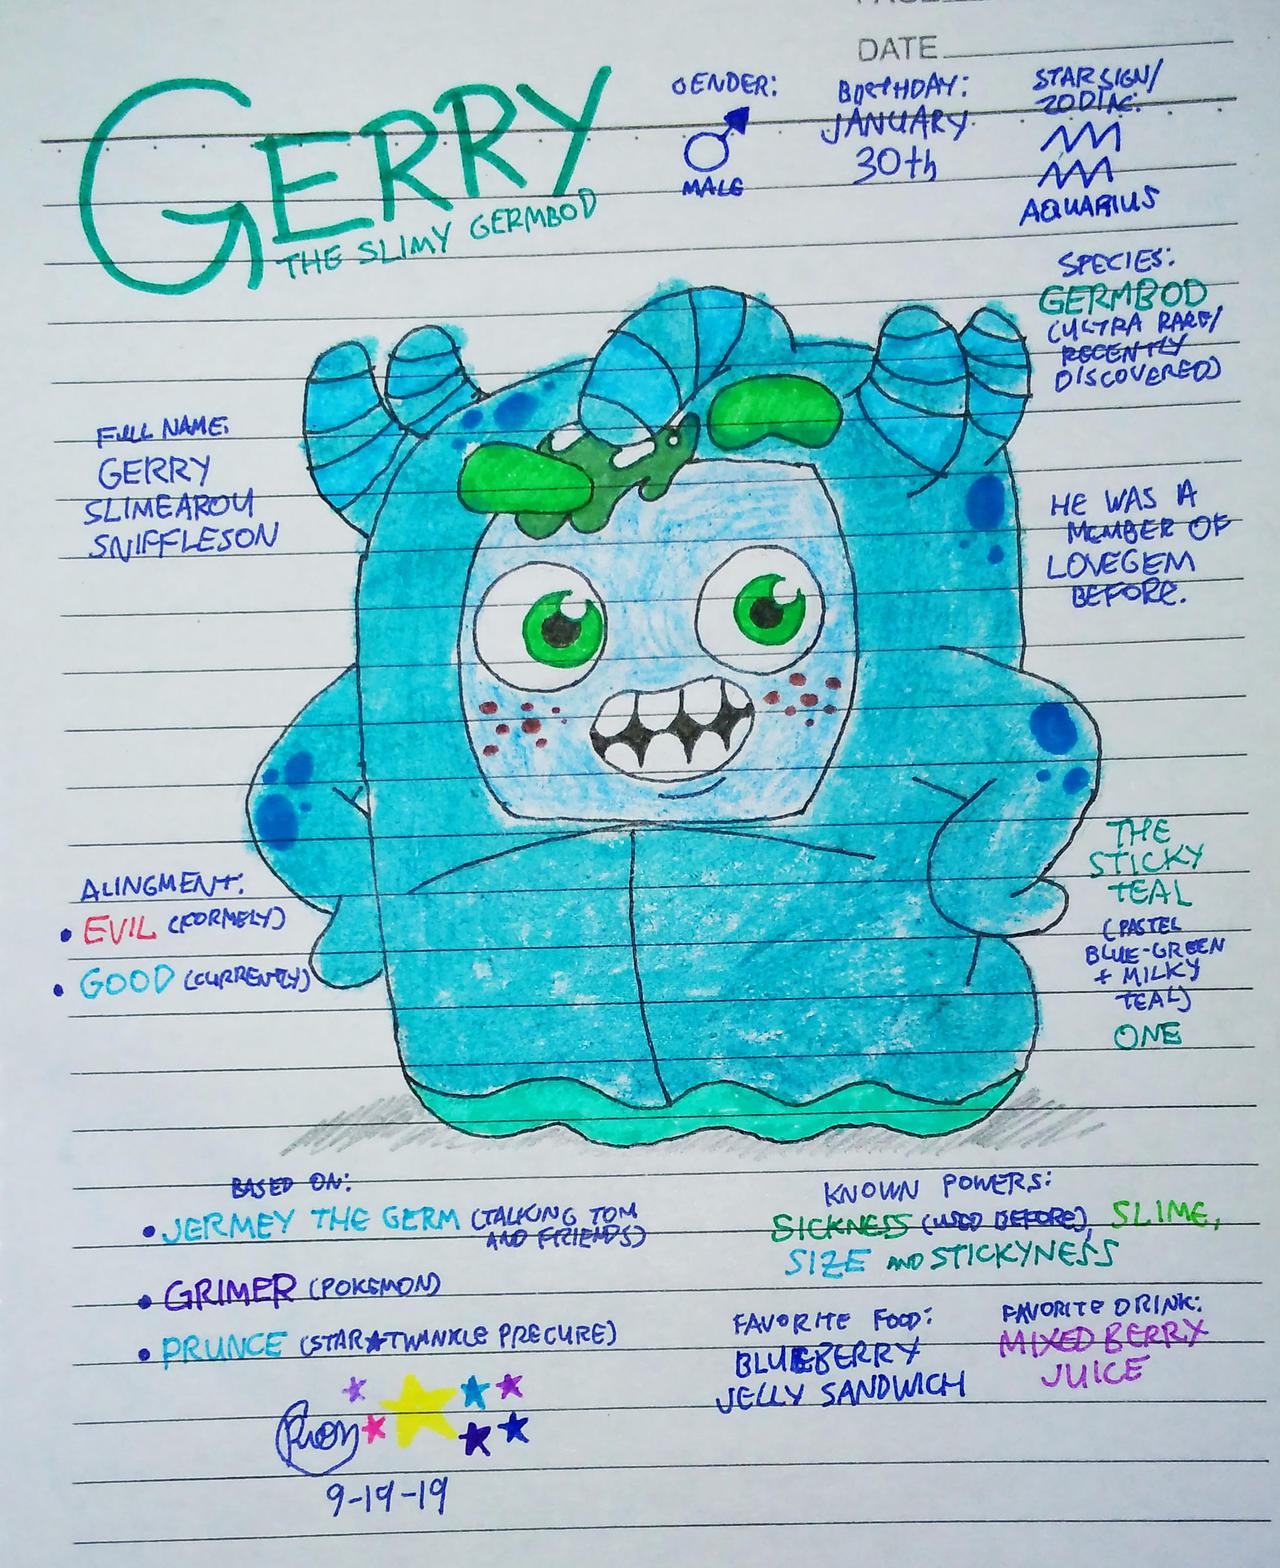 Oddbods OC | Gerry